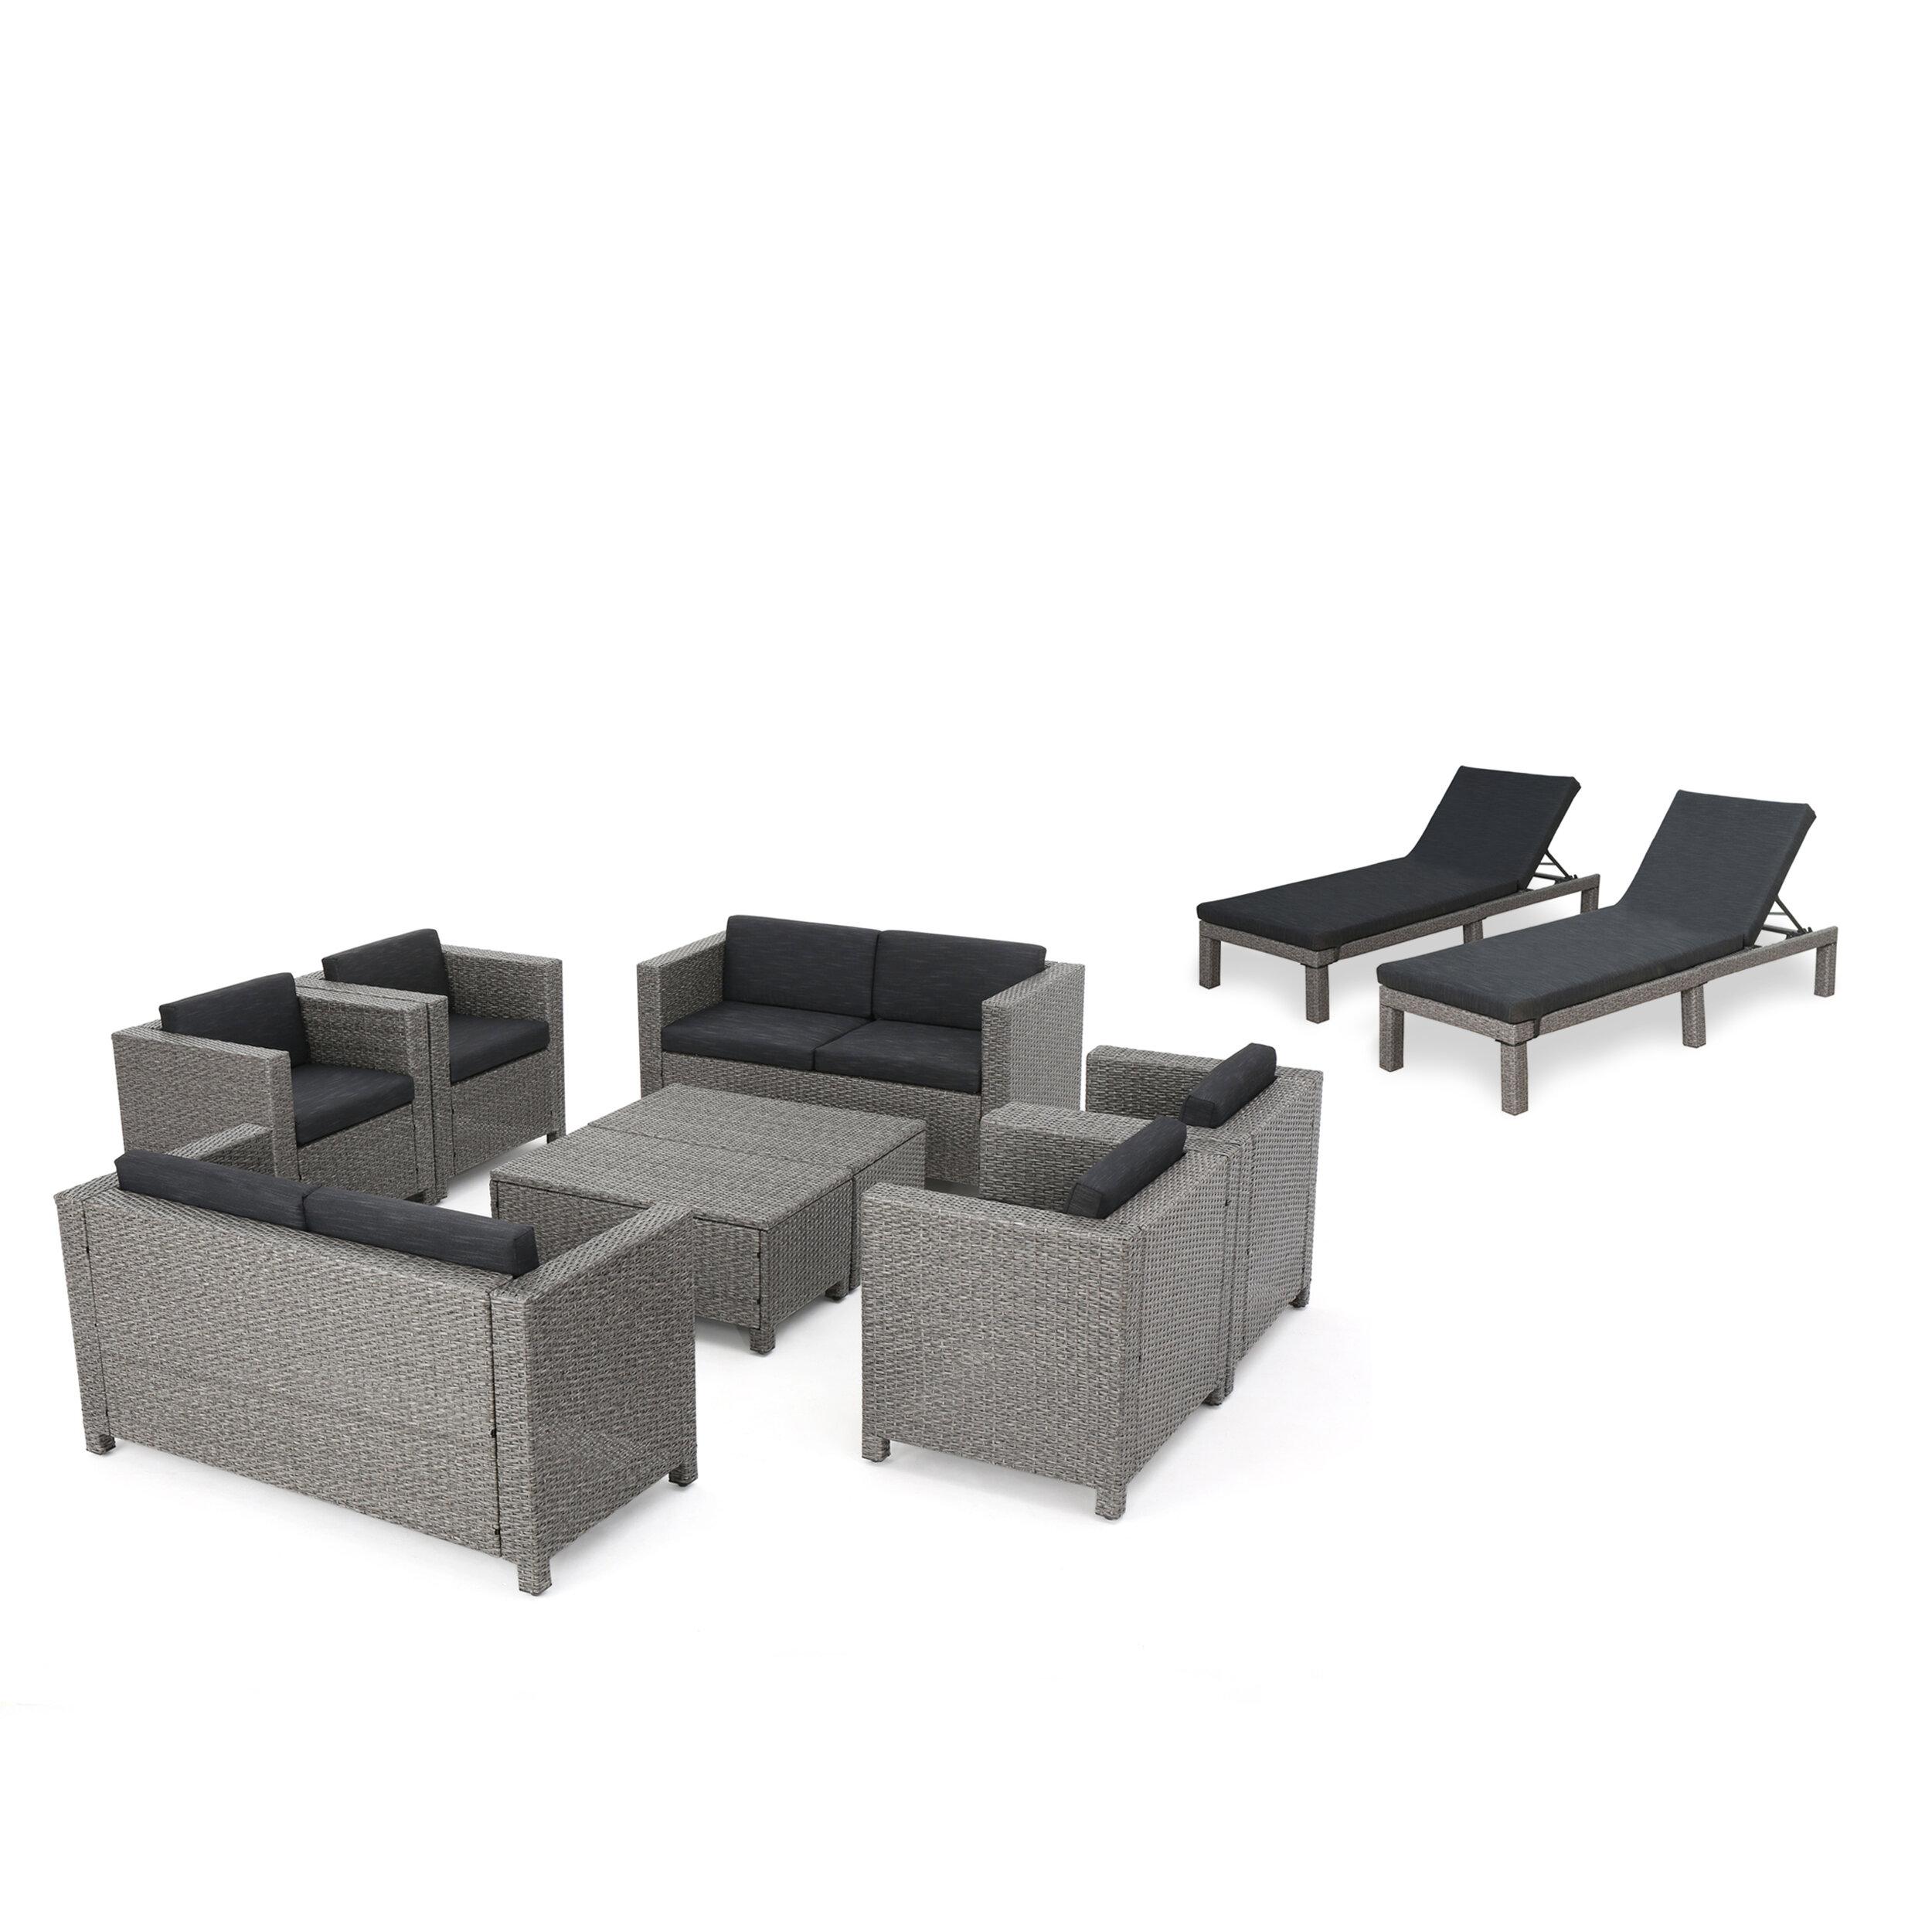 Wade Logan Furst Outdoor 10 Piece Rattan Sofa Set With Cushions Wayfair